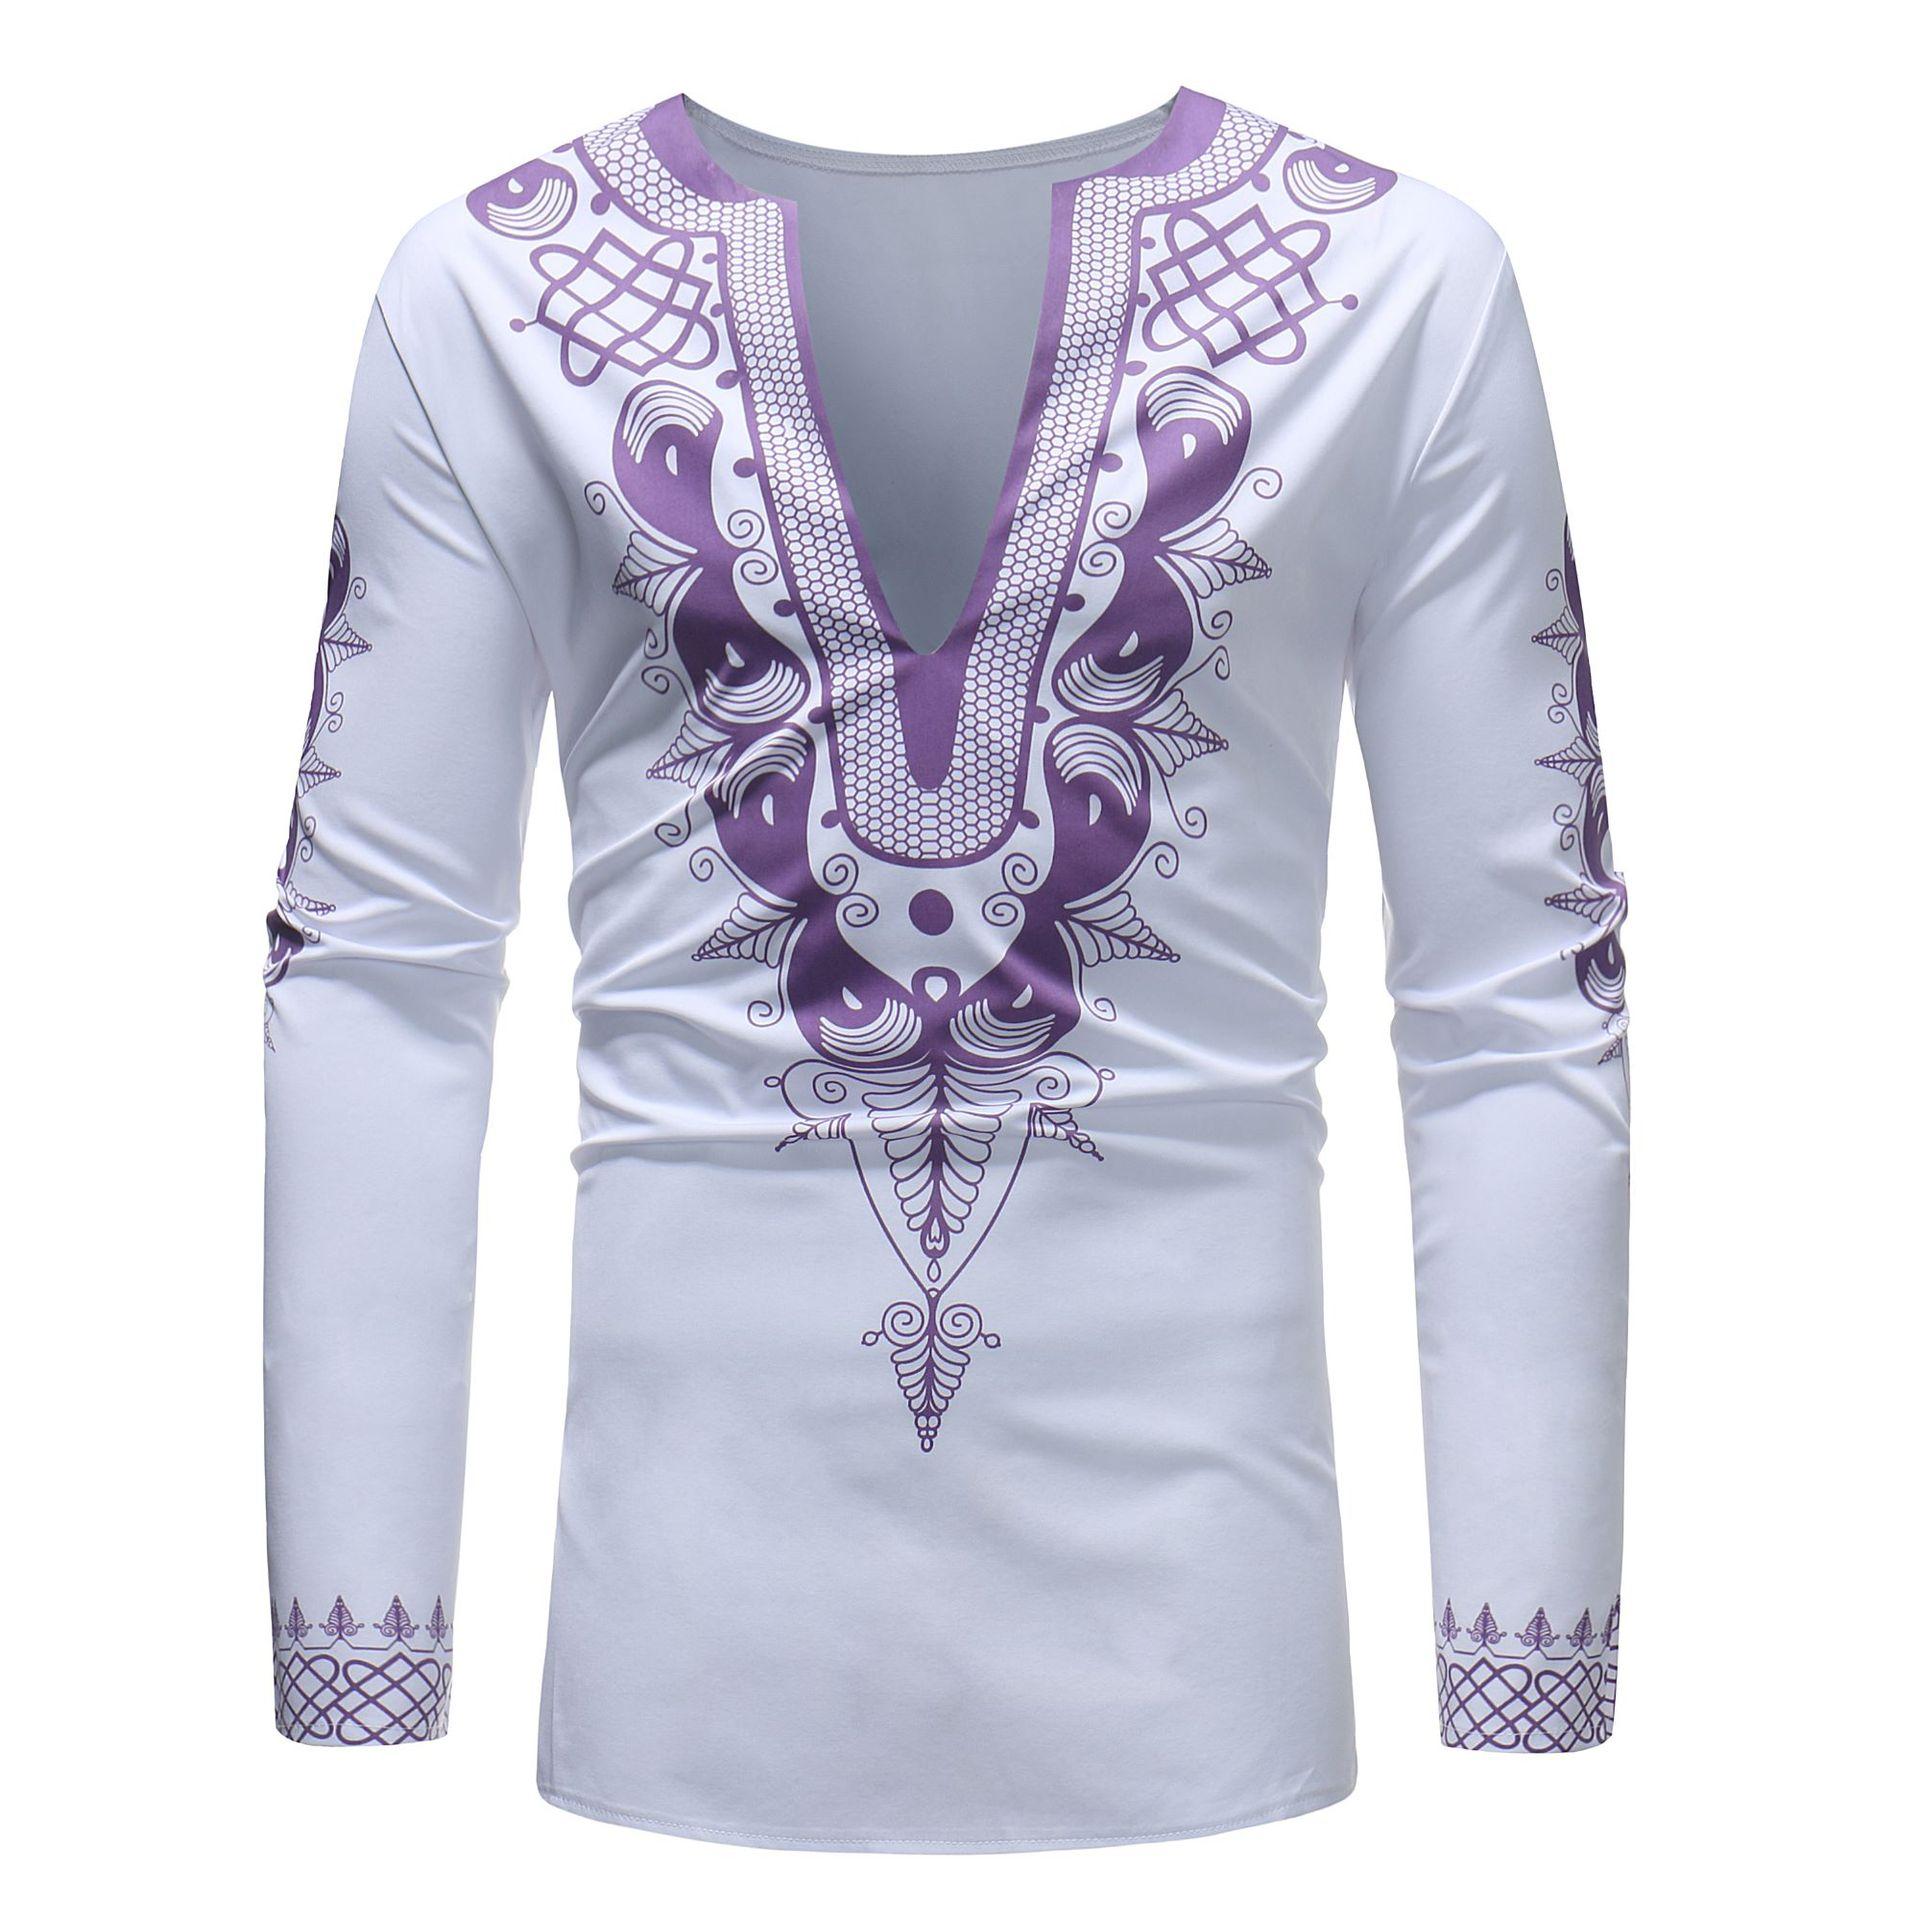 MXCHAN SJH11043 африканская печать Мужская большая футболка с v-образным вырезом и длинными рукавами Дашики Мужская африканская одежда для мужчин